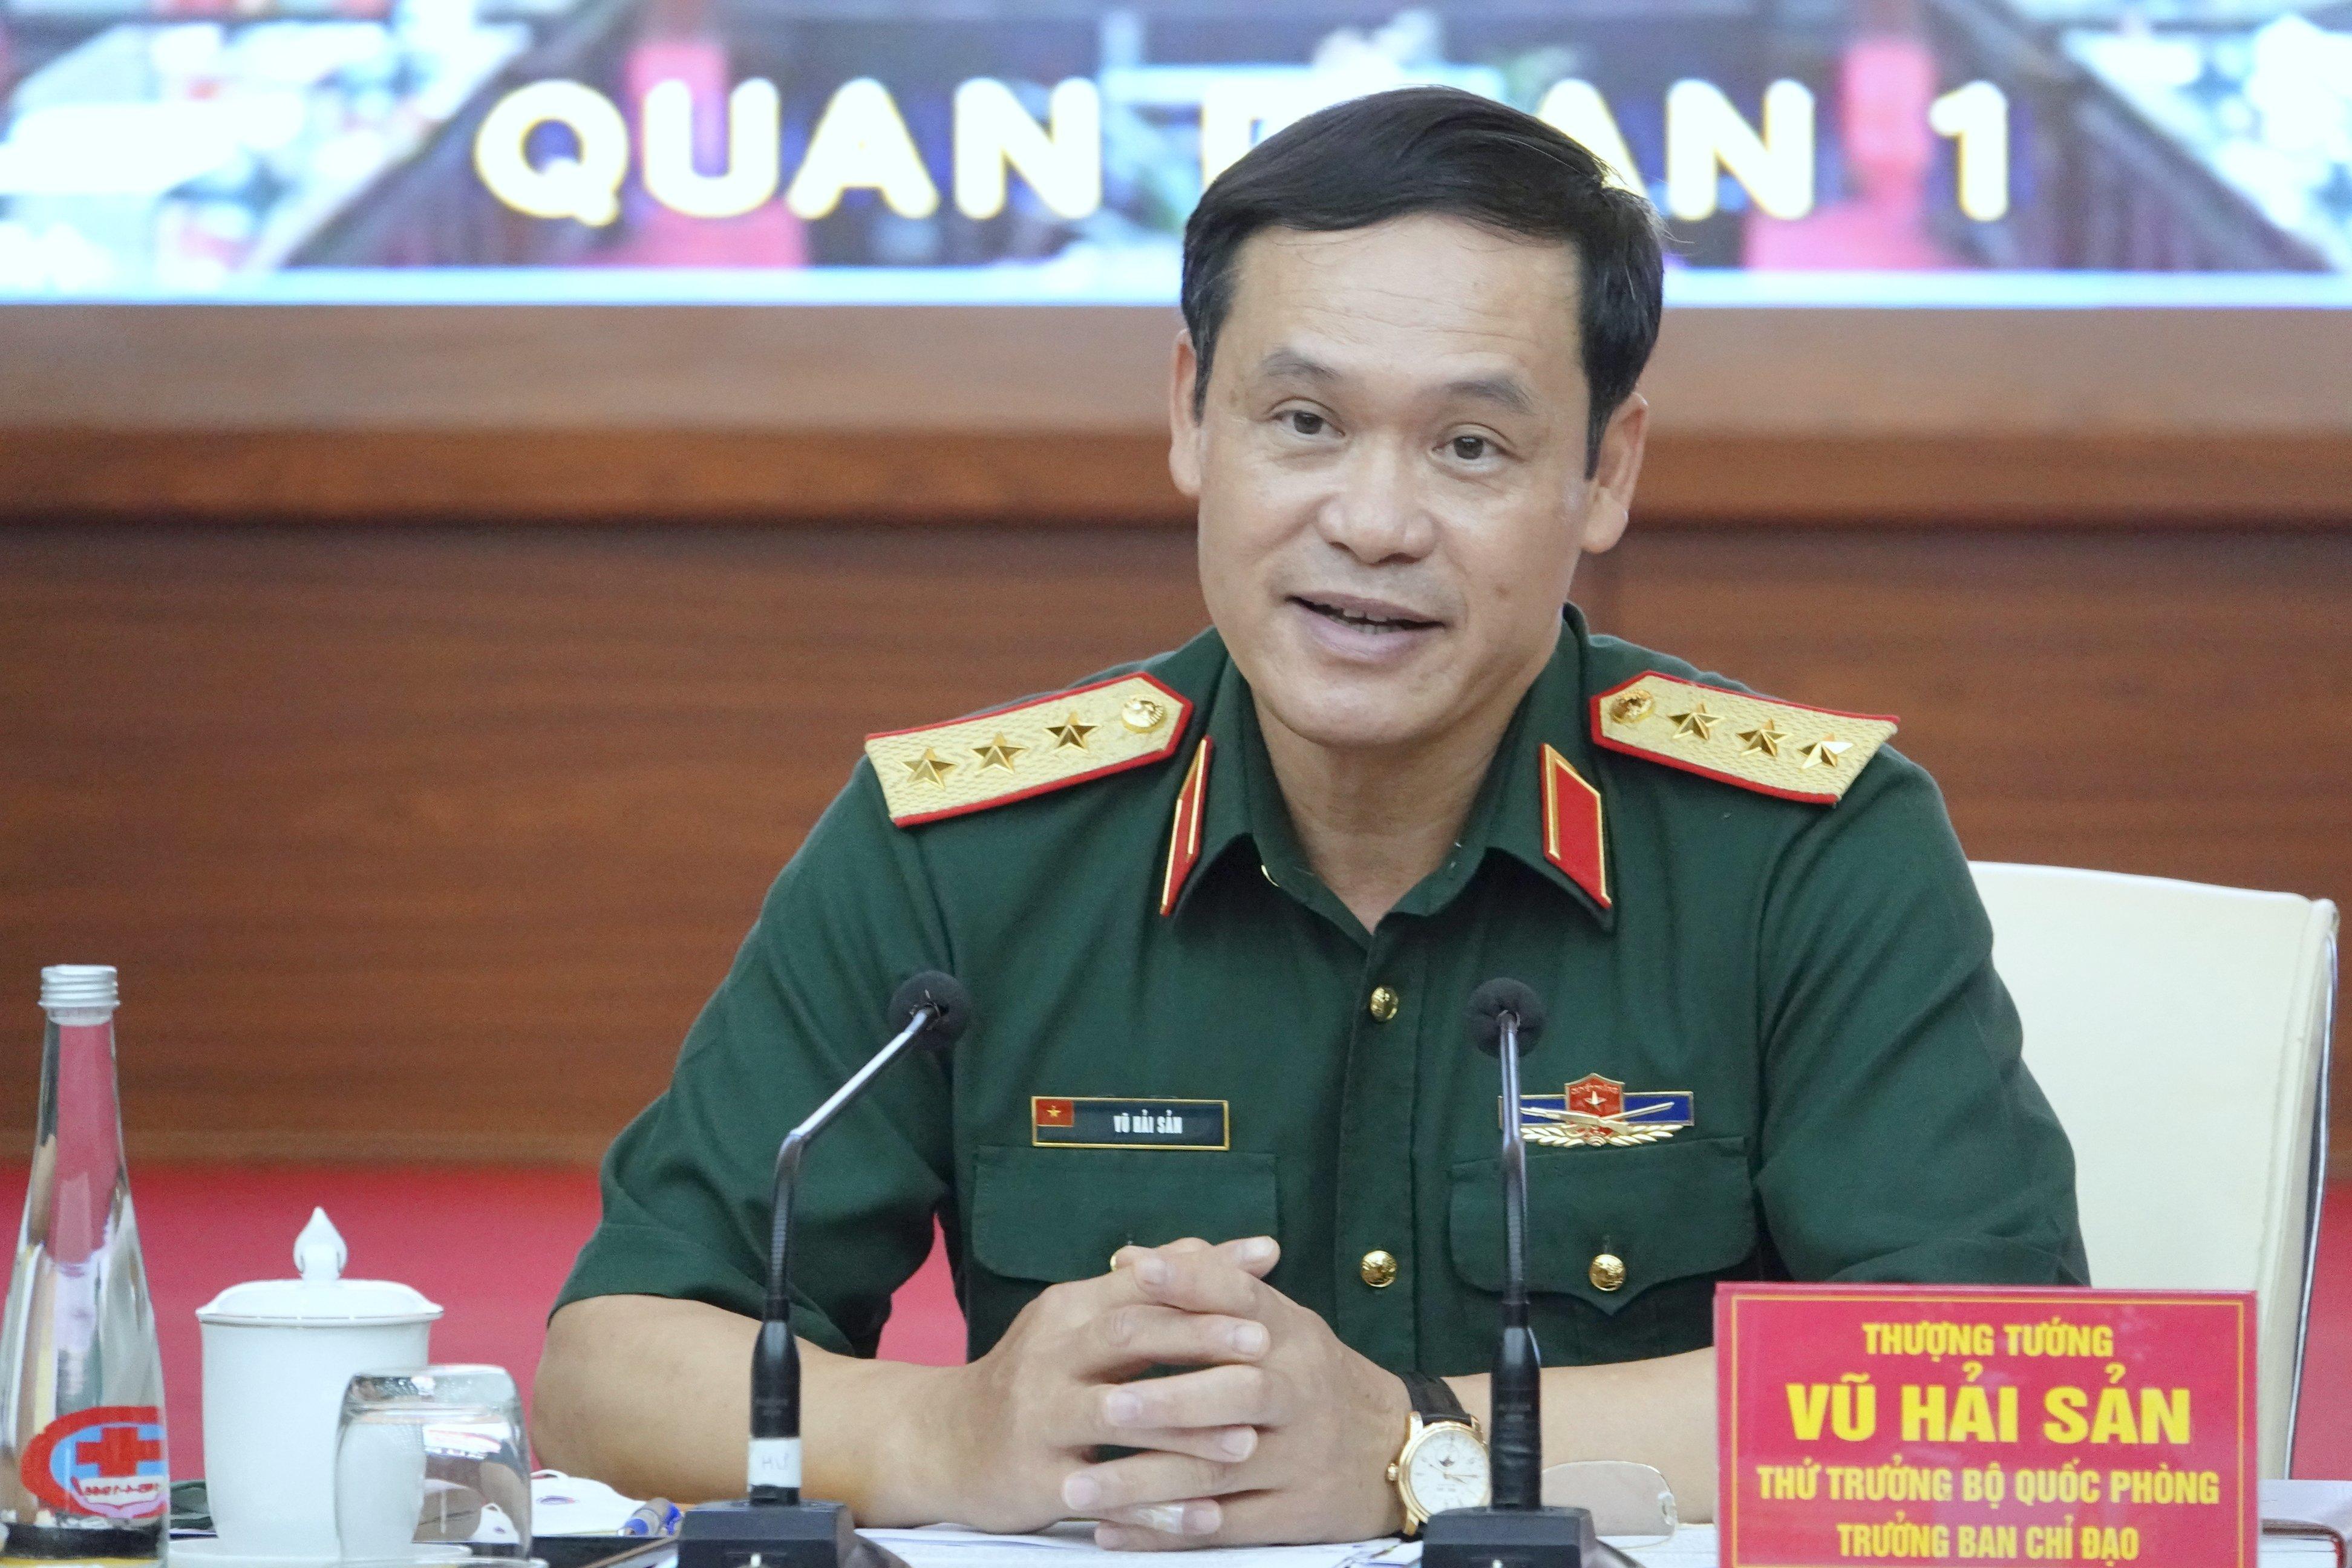 Huy động 1.300 xe vận tải quân đội vận chuyển vắc xin Covid-19